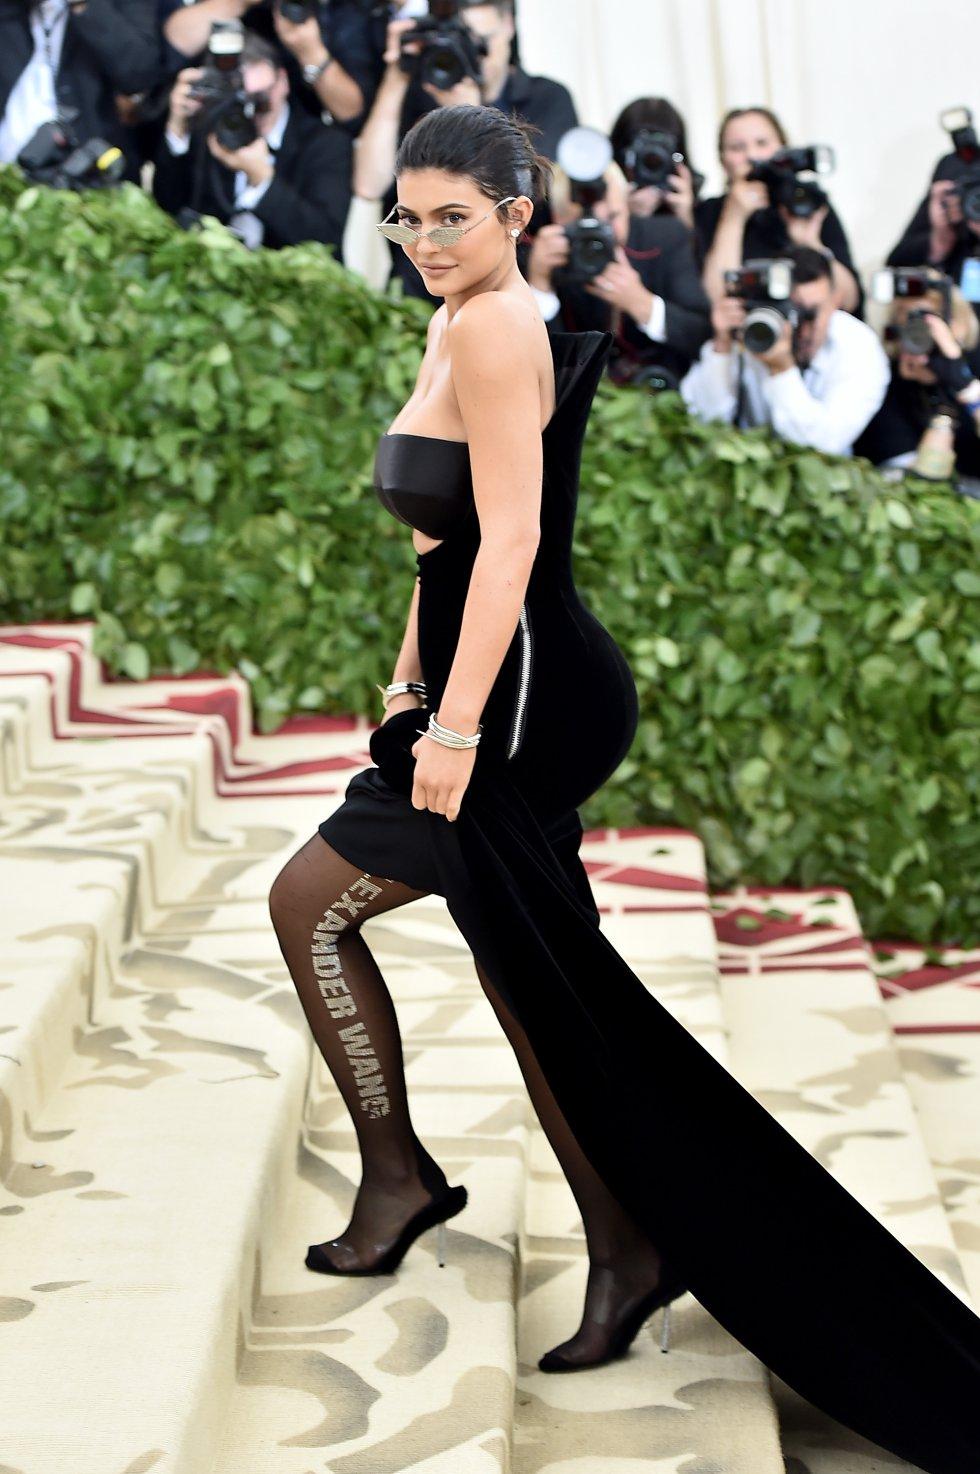 Kylie Jenner después del embarazo: El cambio que ha tenido Kylie Jenner desde que fue mamá